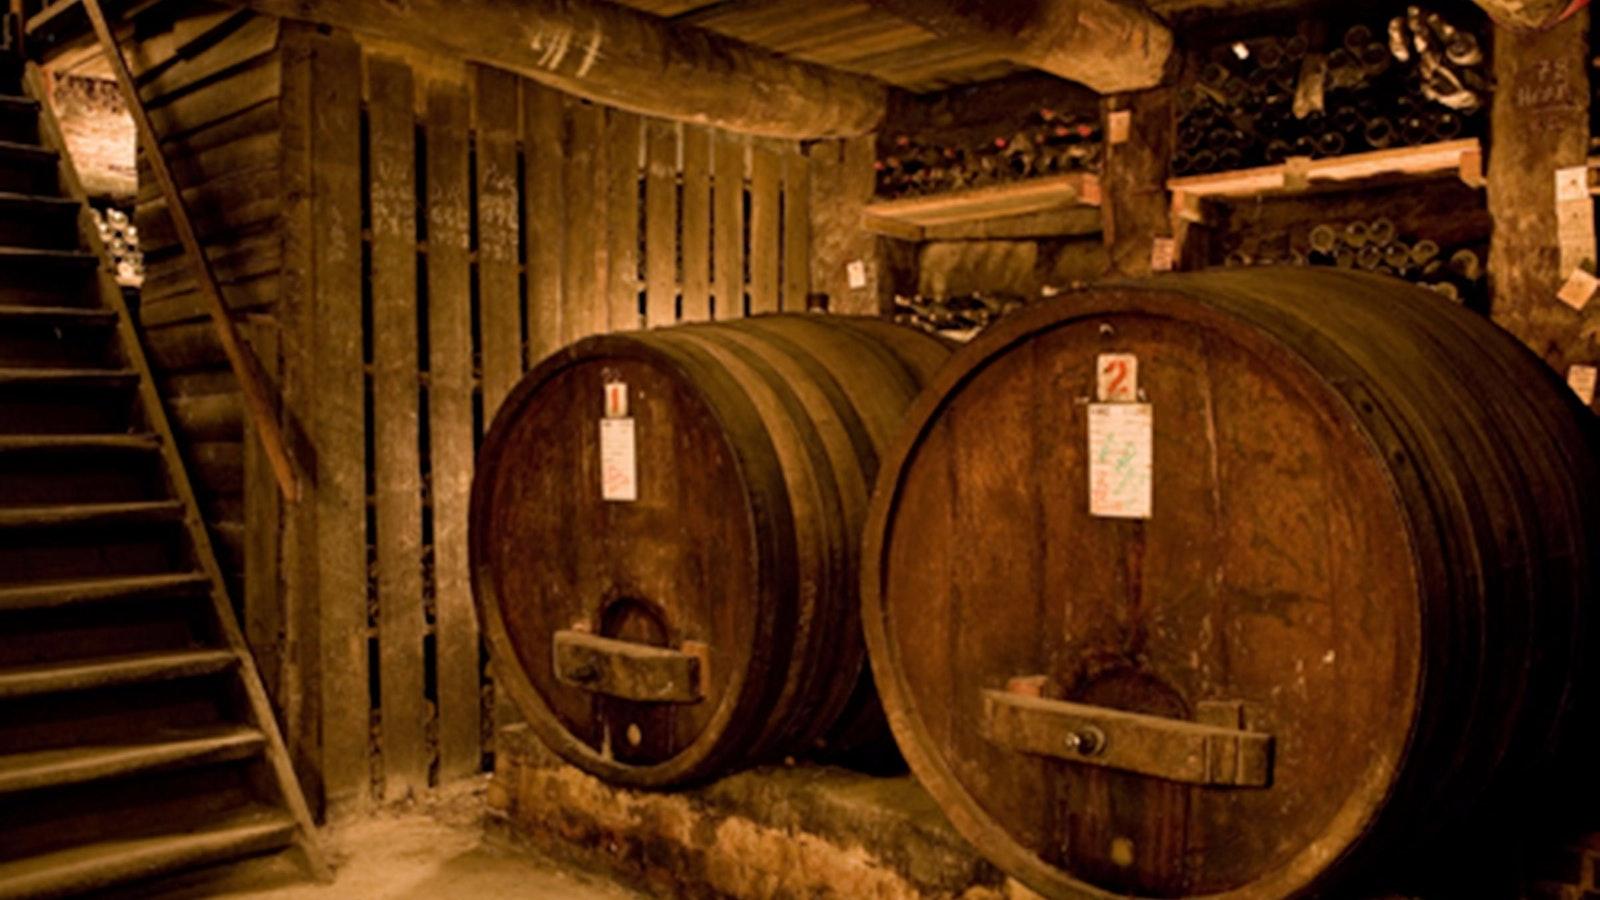 Underground barrells